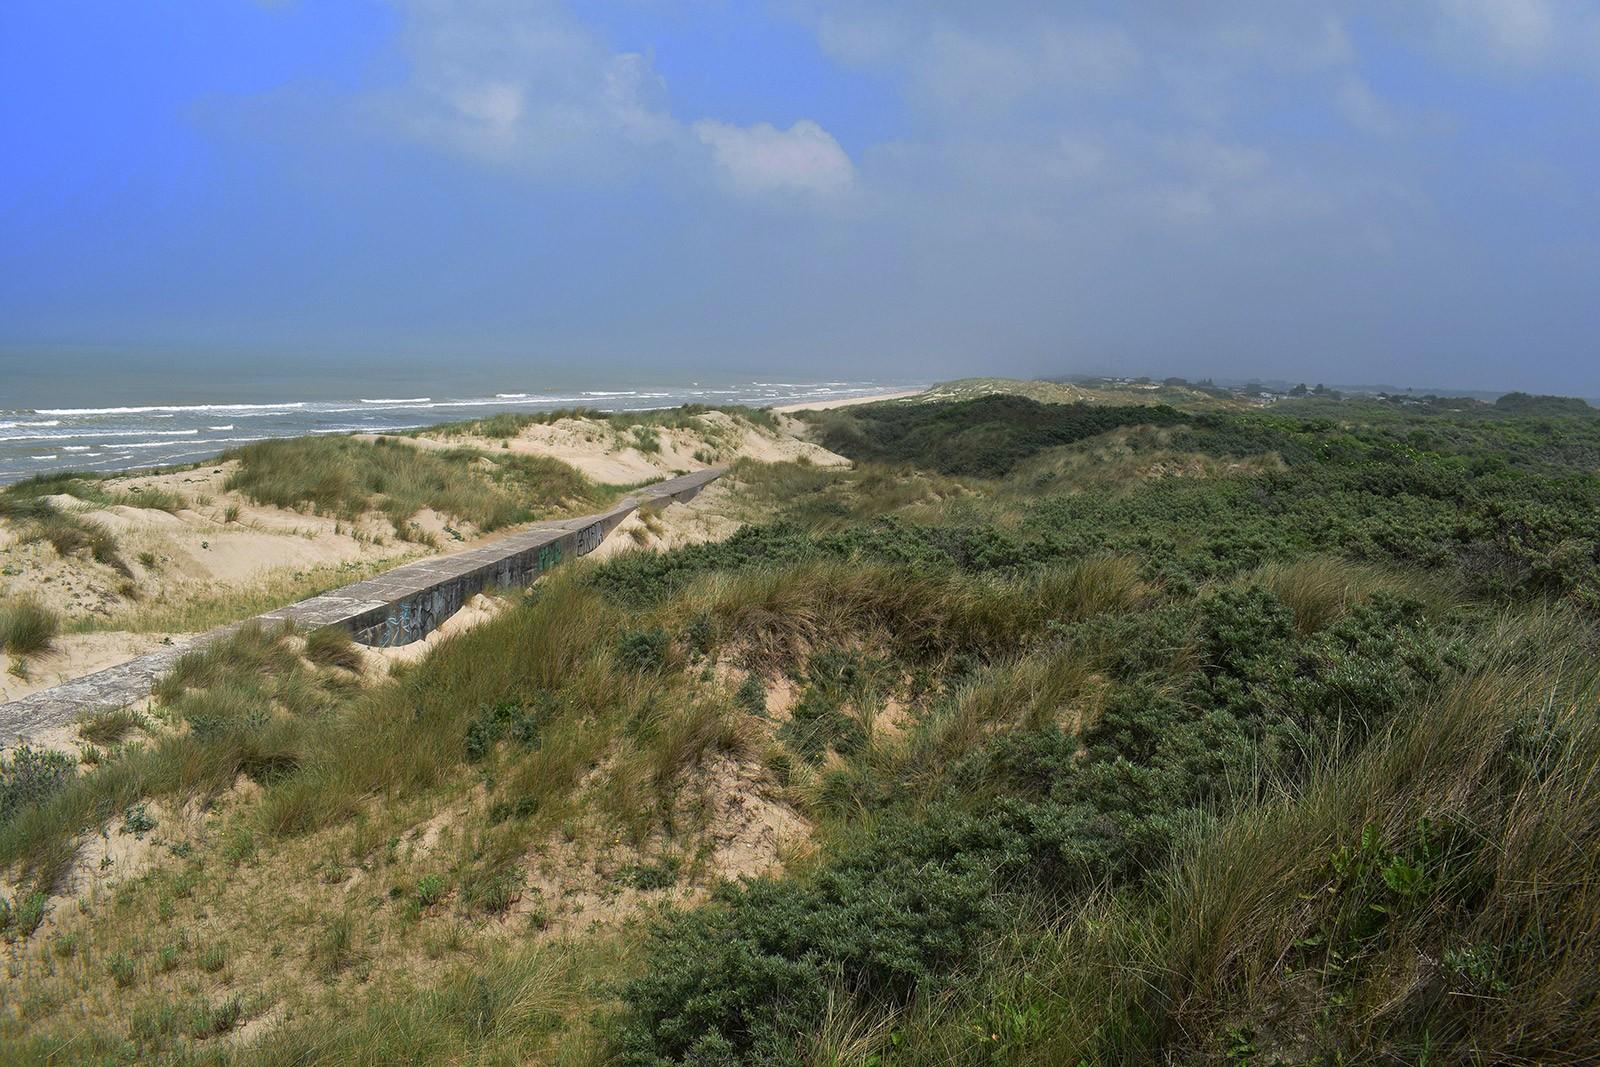 Mur antichar construit en 1944 sur la plage et aujourd'hui enfermé dans les dunes {Bray-Dunes, Pas-de-Calais}. © Y. BQ